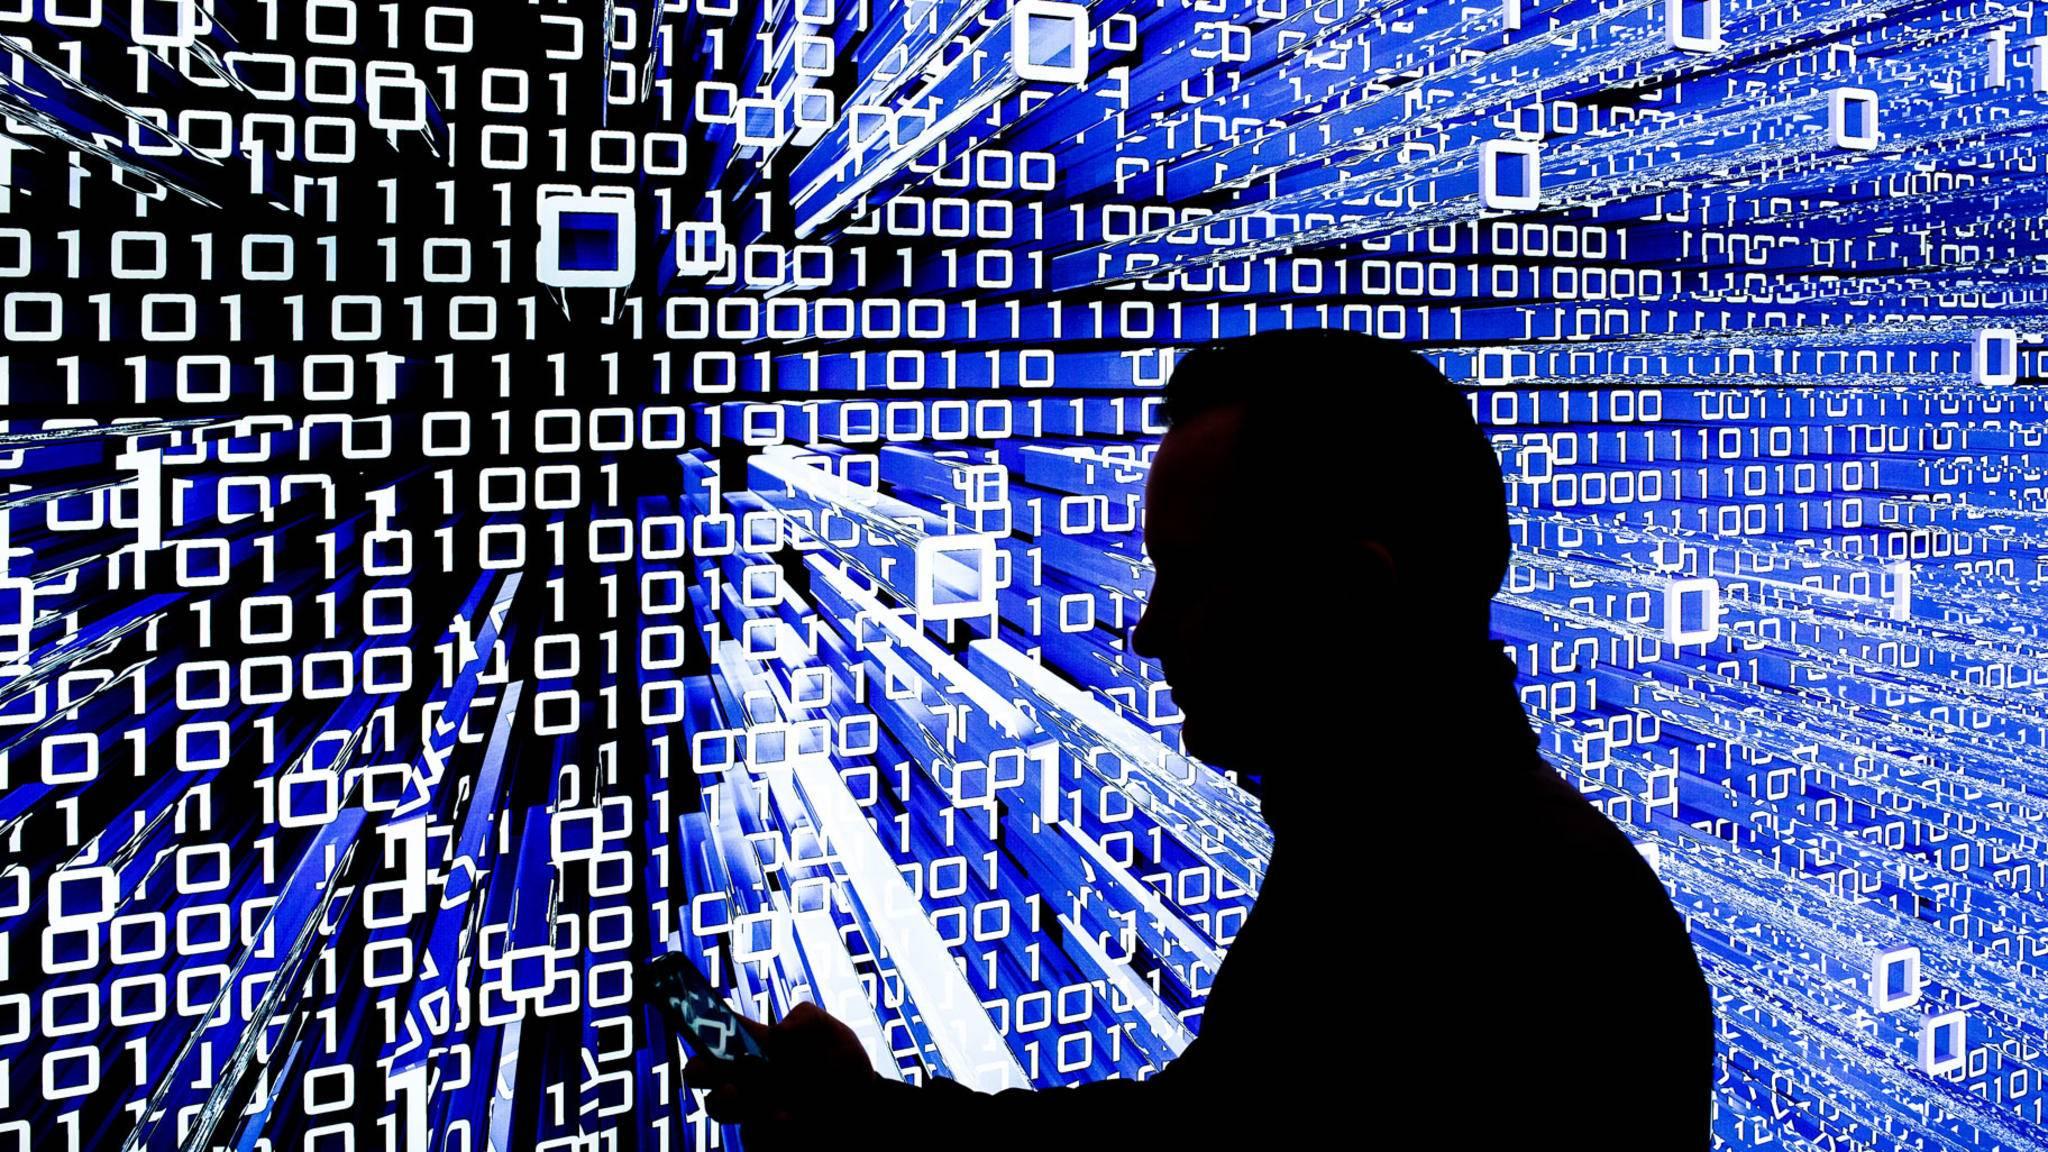 Lässt sich der Facebook-Zugang überhaupt so einfach hacken?